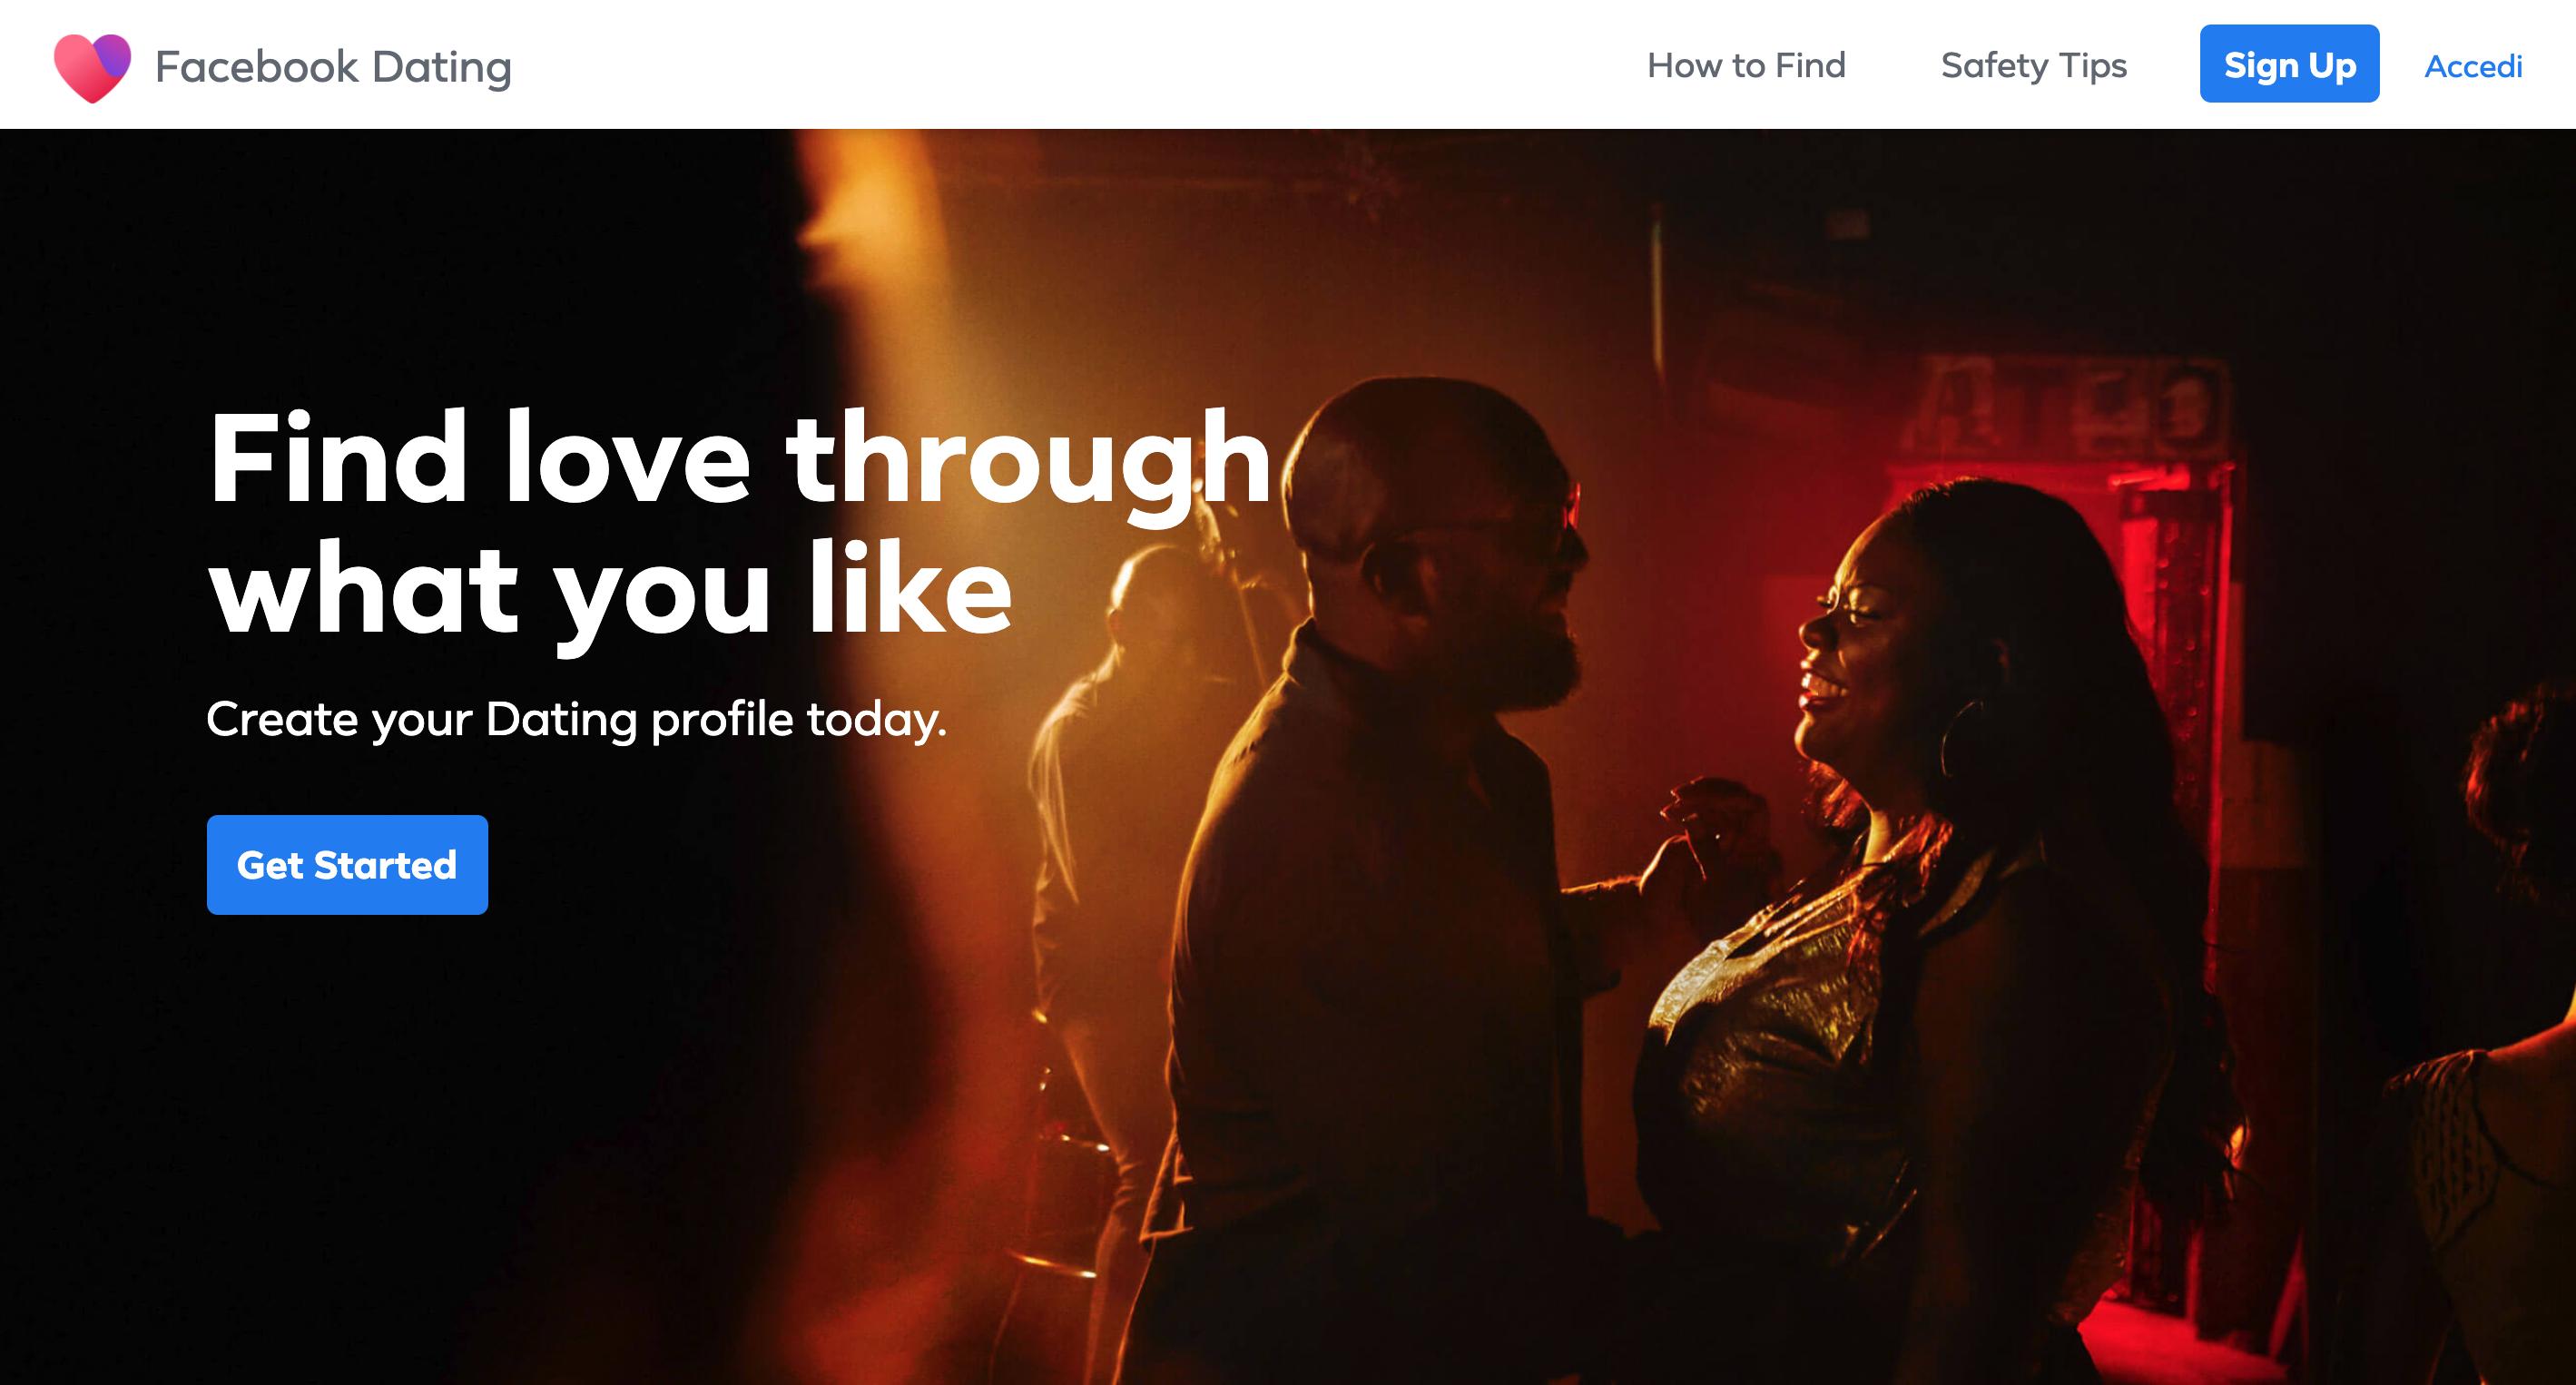 Facebook Dating cos'è, come funziona e come attivare il servizio